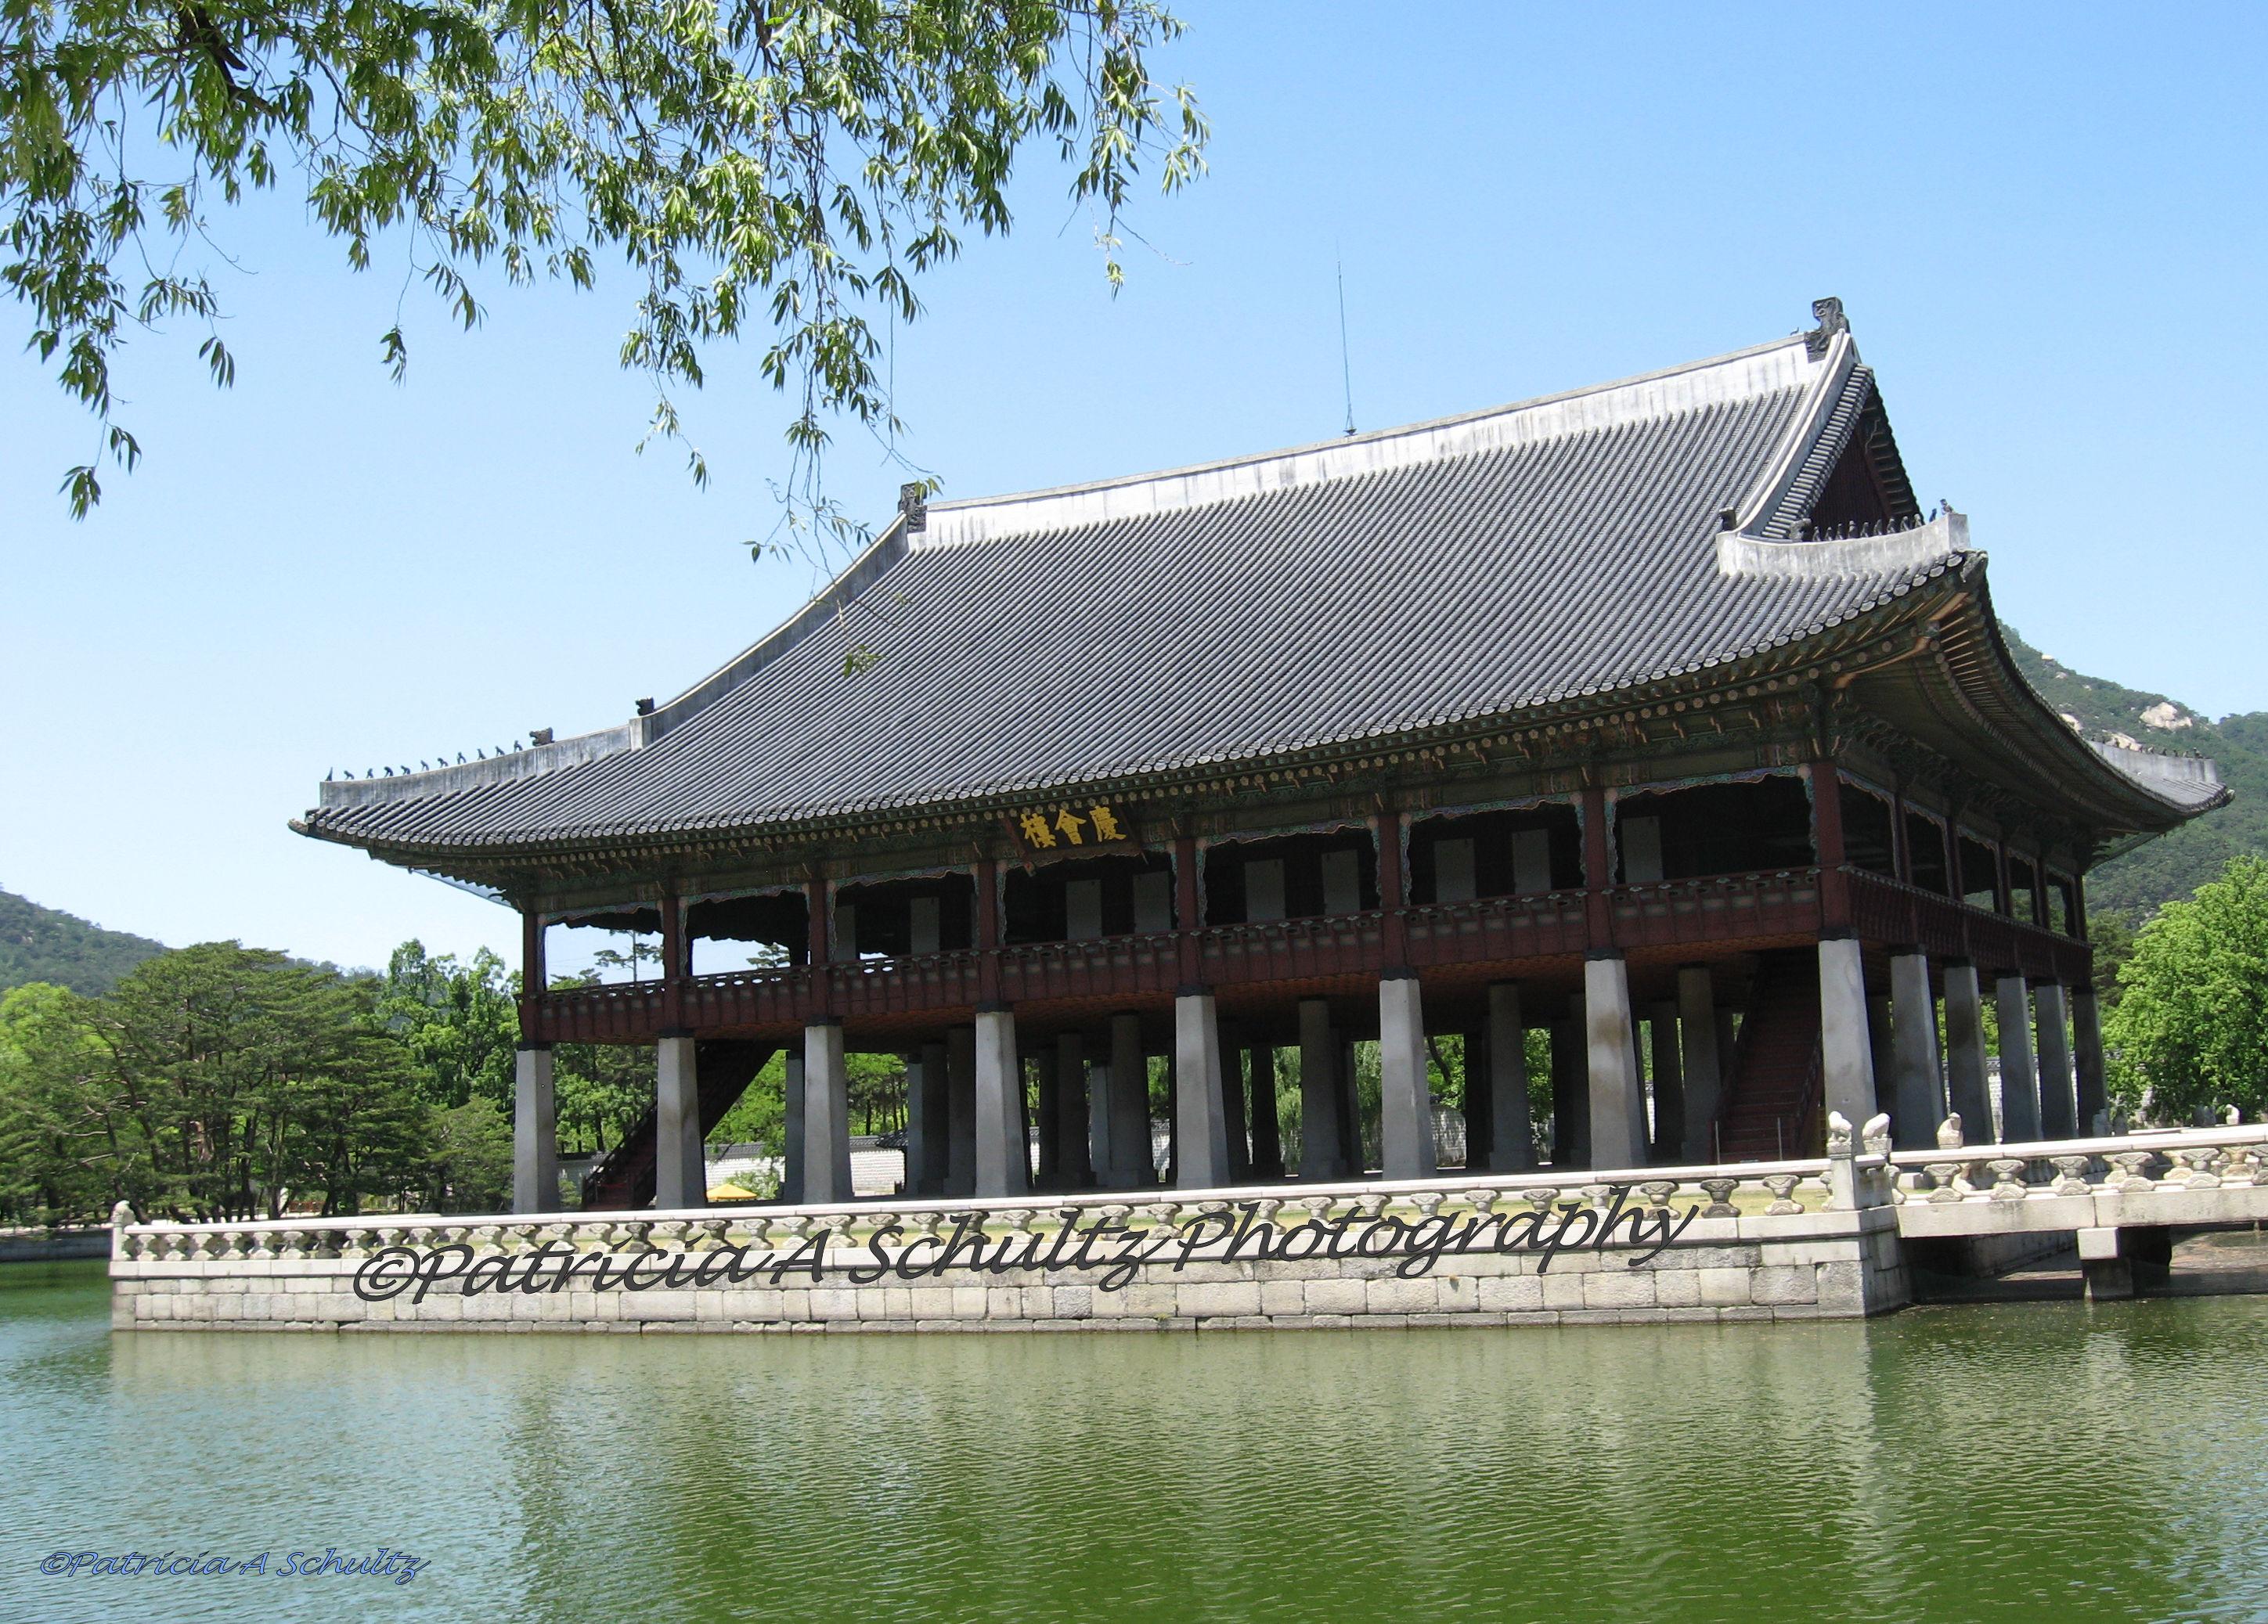 Royal Banquet Pavilion